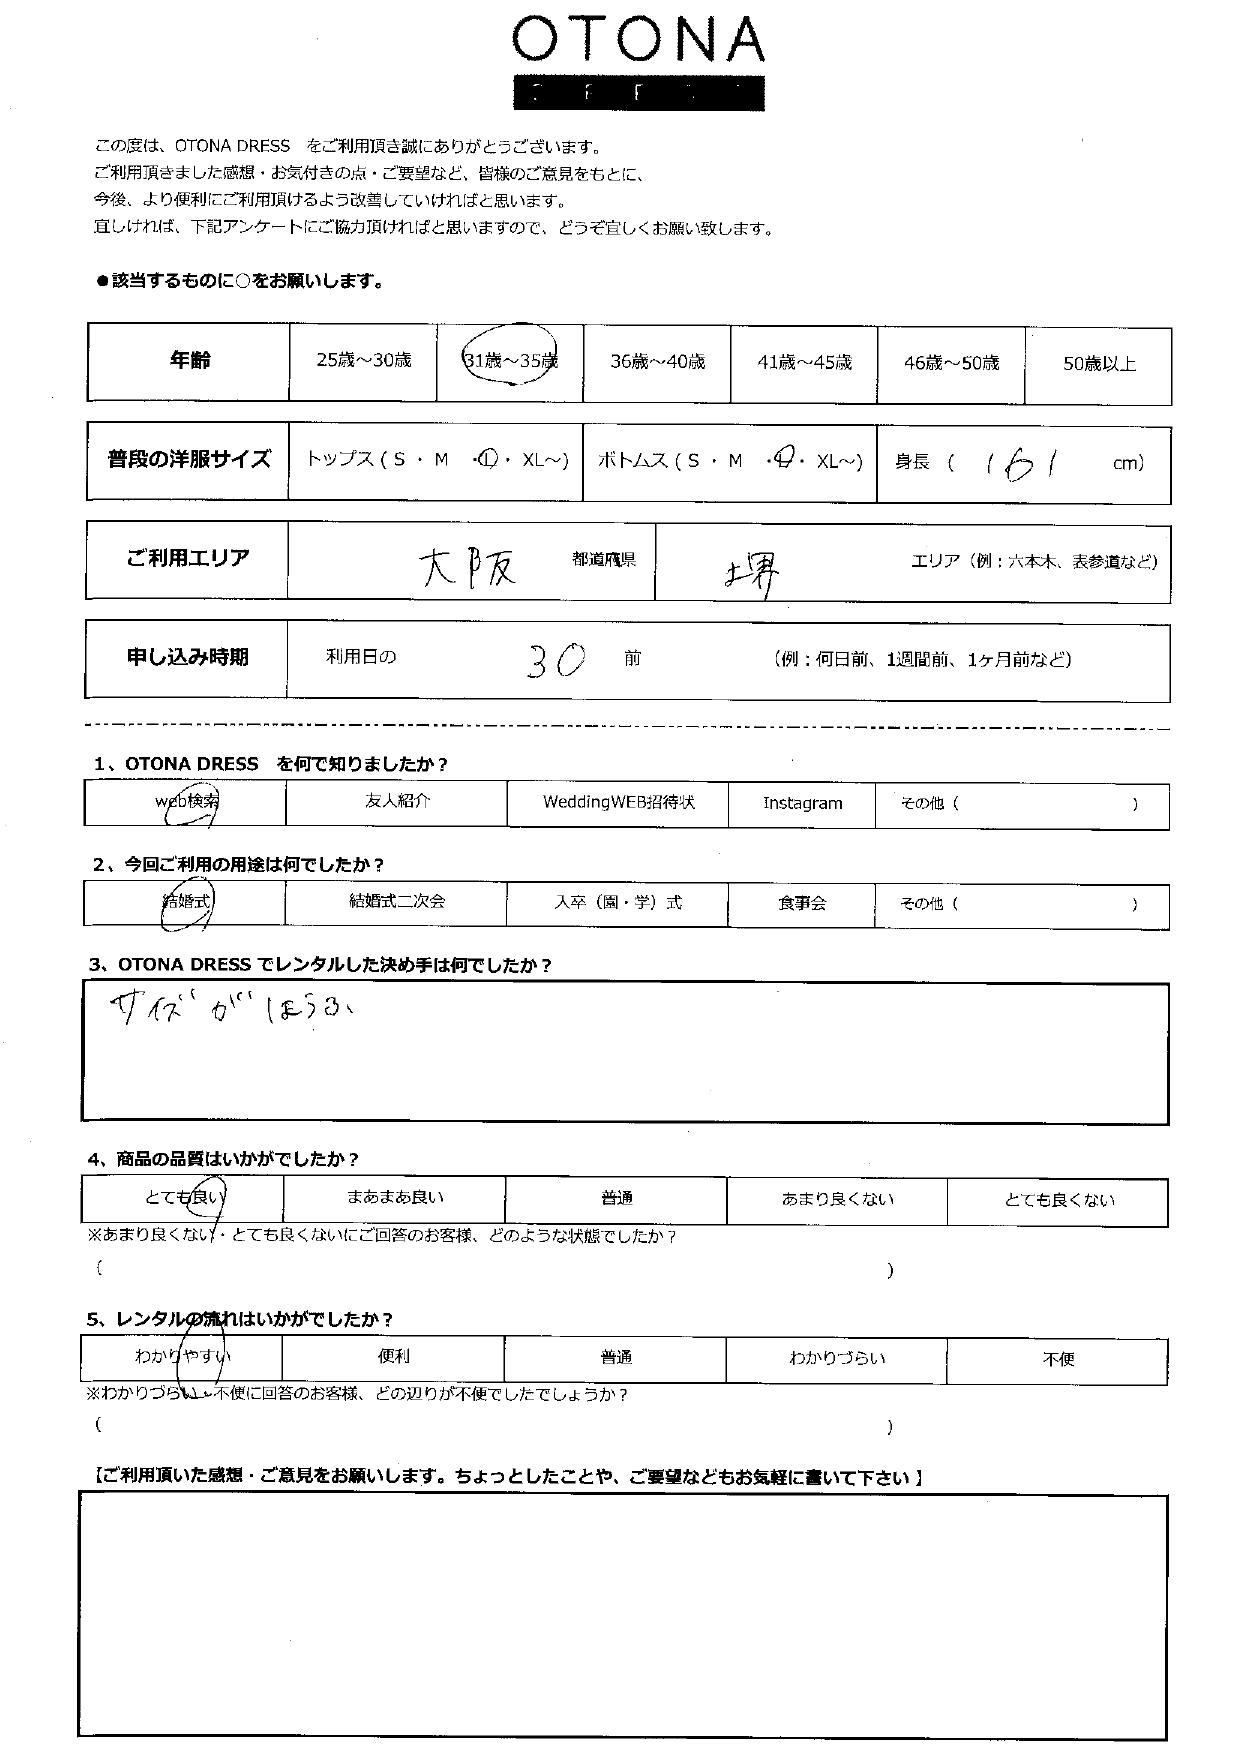 9/5結婚式ご利用 大阪・境エリア